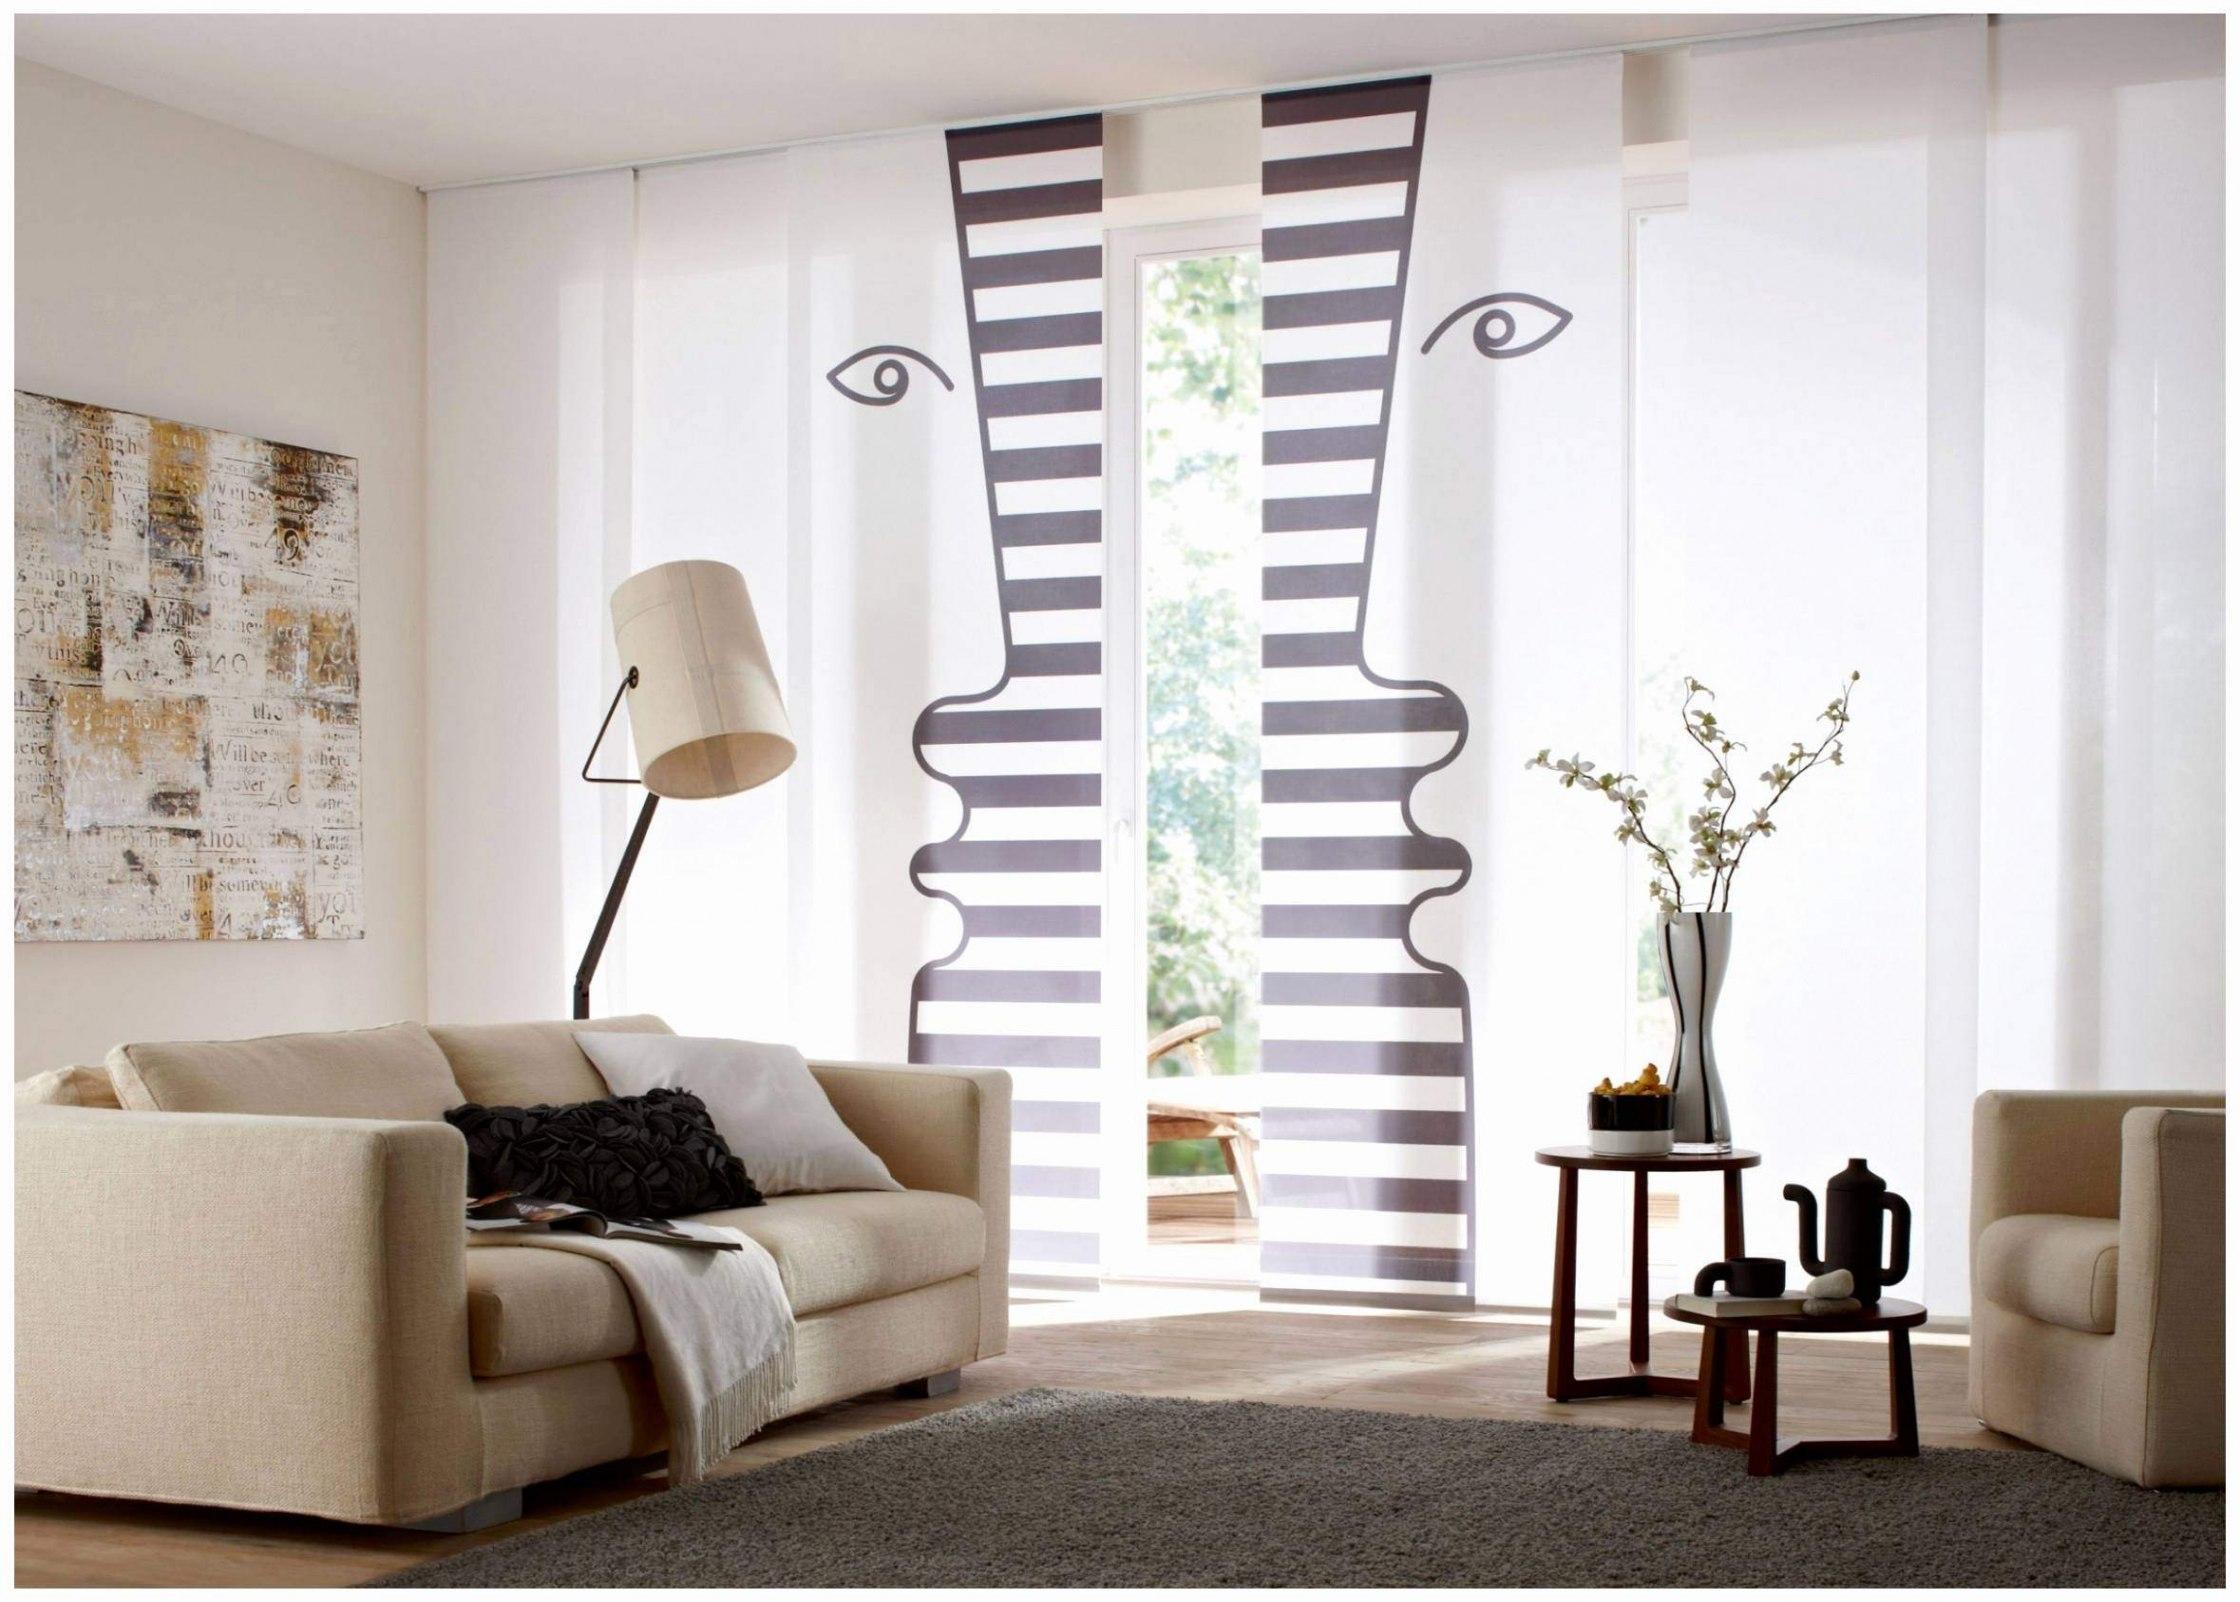 Full Size of Kissen Für Rotes Sofa 26 Neu Wohnzimmer Ideen Für Kleine Räume Frisch Wohnzimmer Sofa Kleines Wohnzimmer